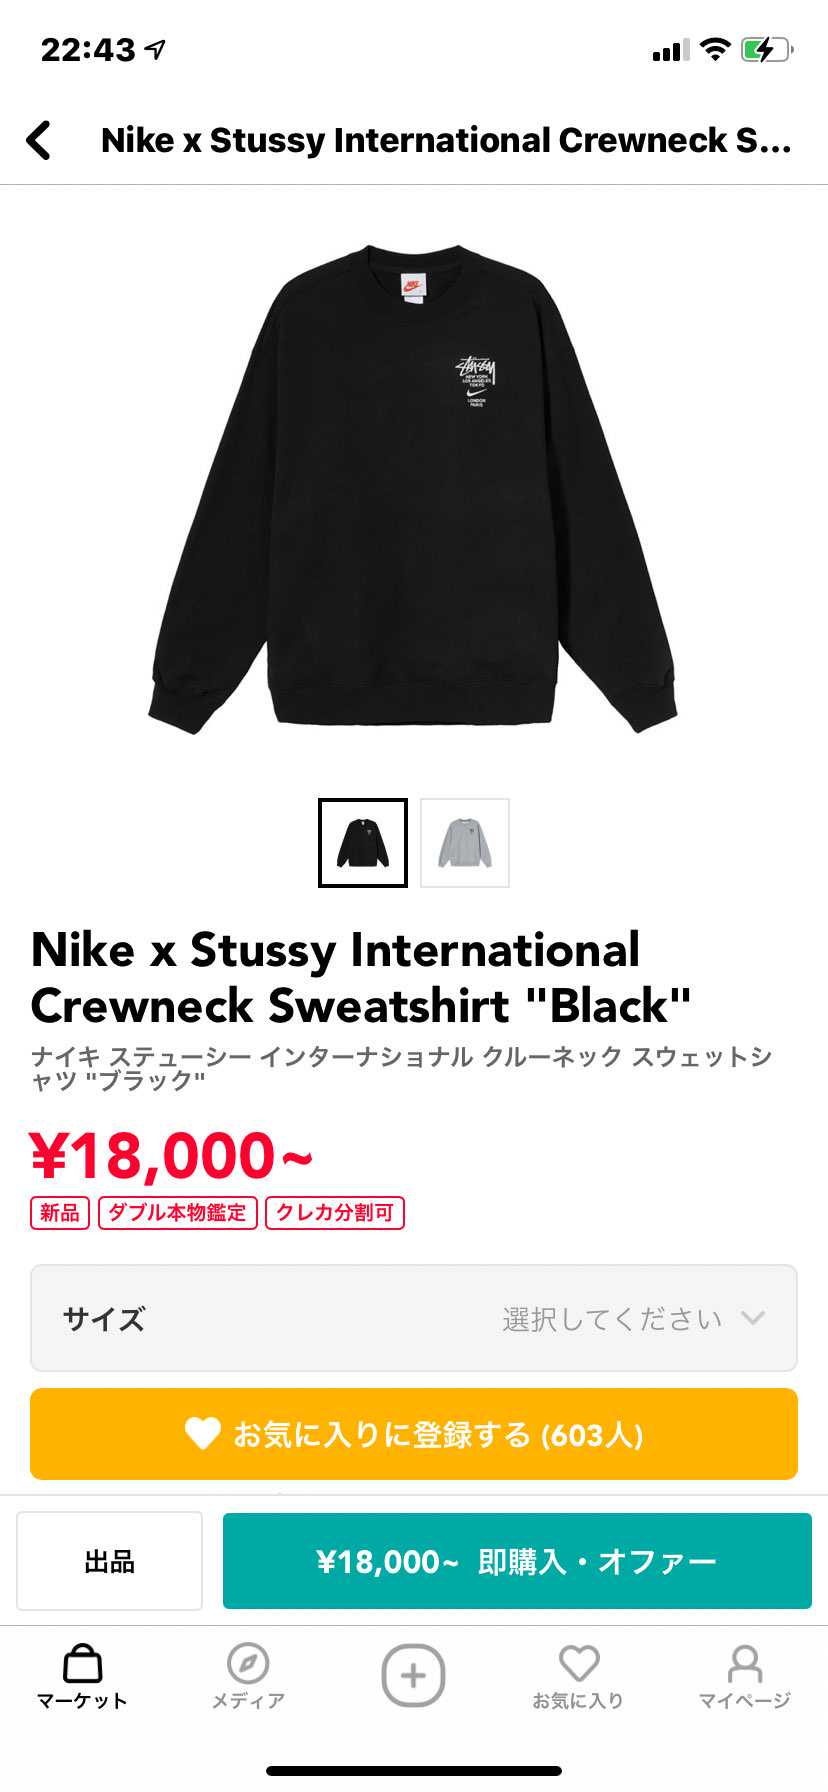 nike × stussyのトレーナーを購入しようとしてるのですが、サイズ感どん